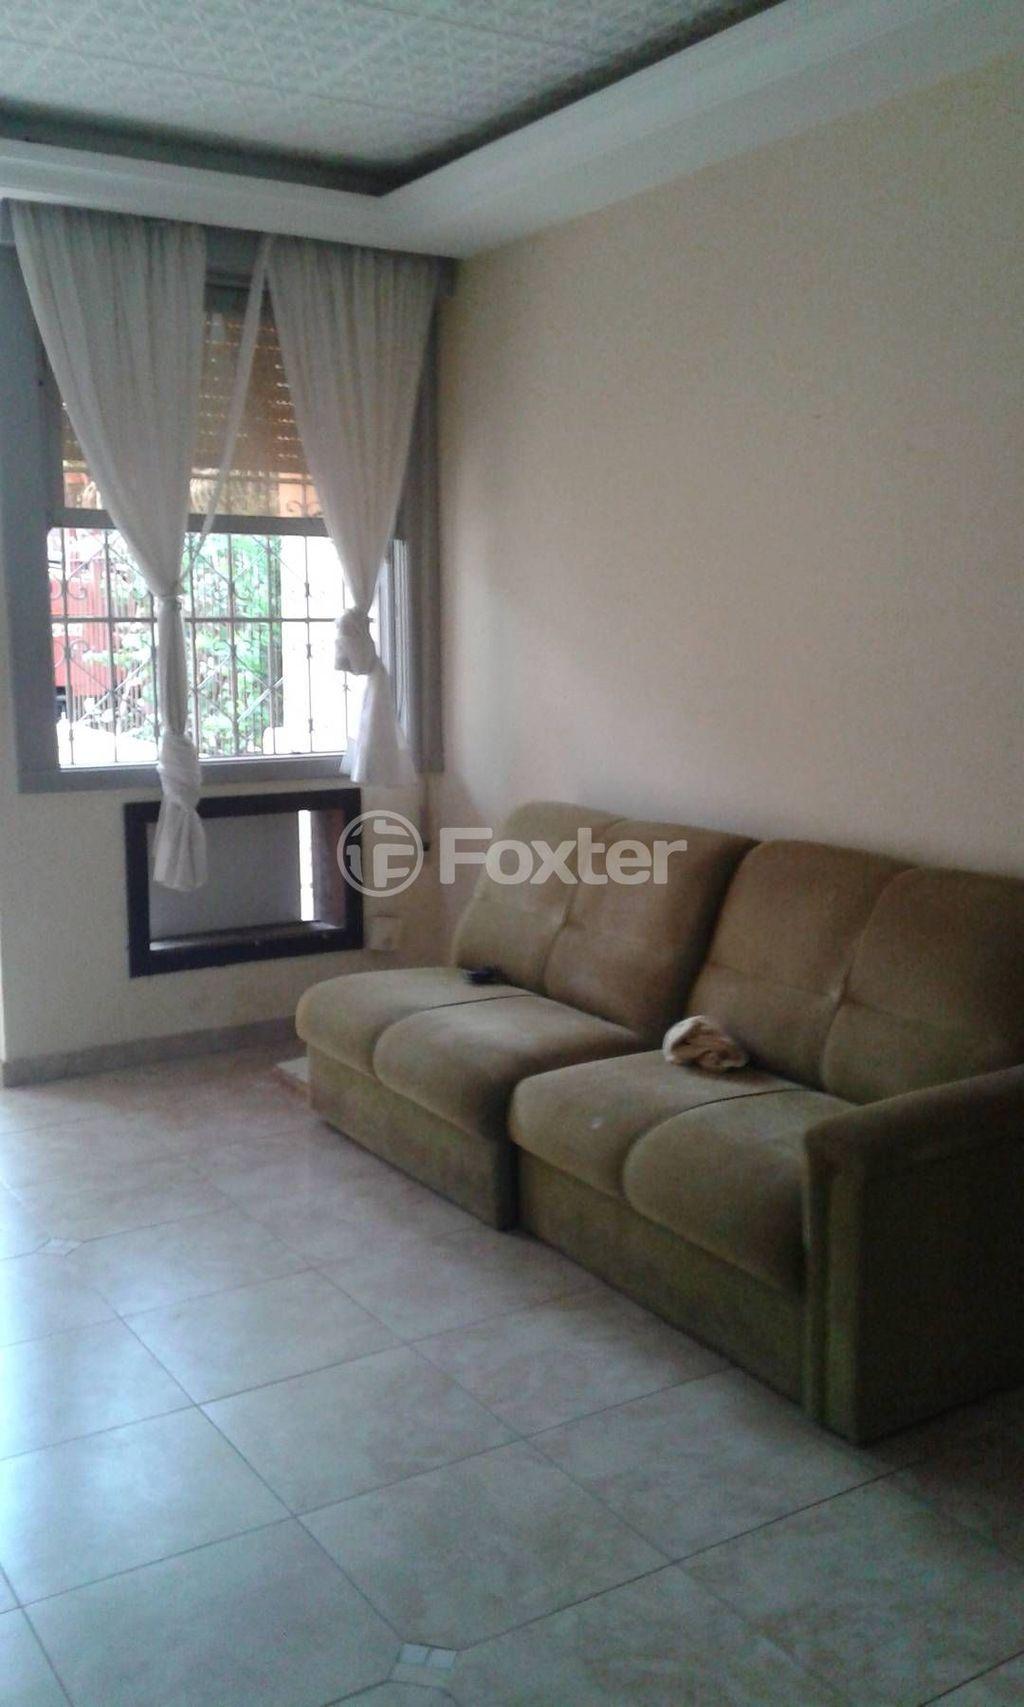 Foxter Imobiliária - Casa 3 Dorm, Menino Deus